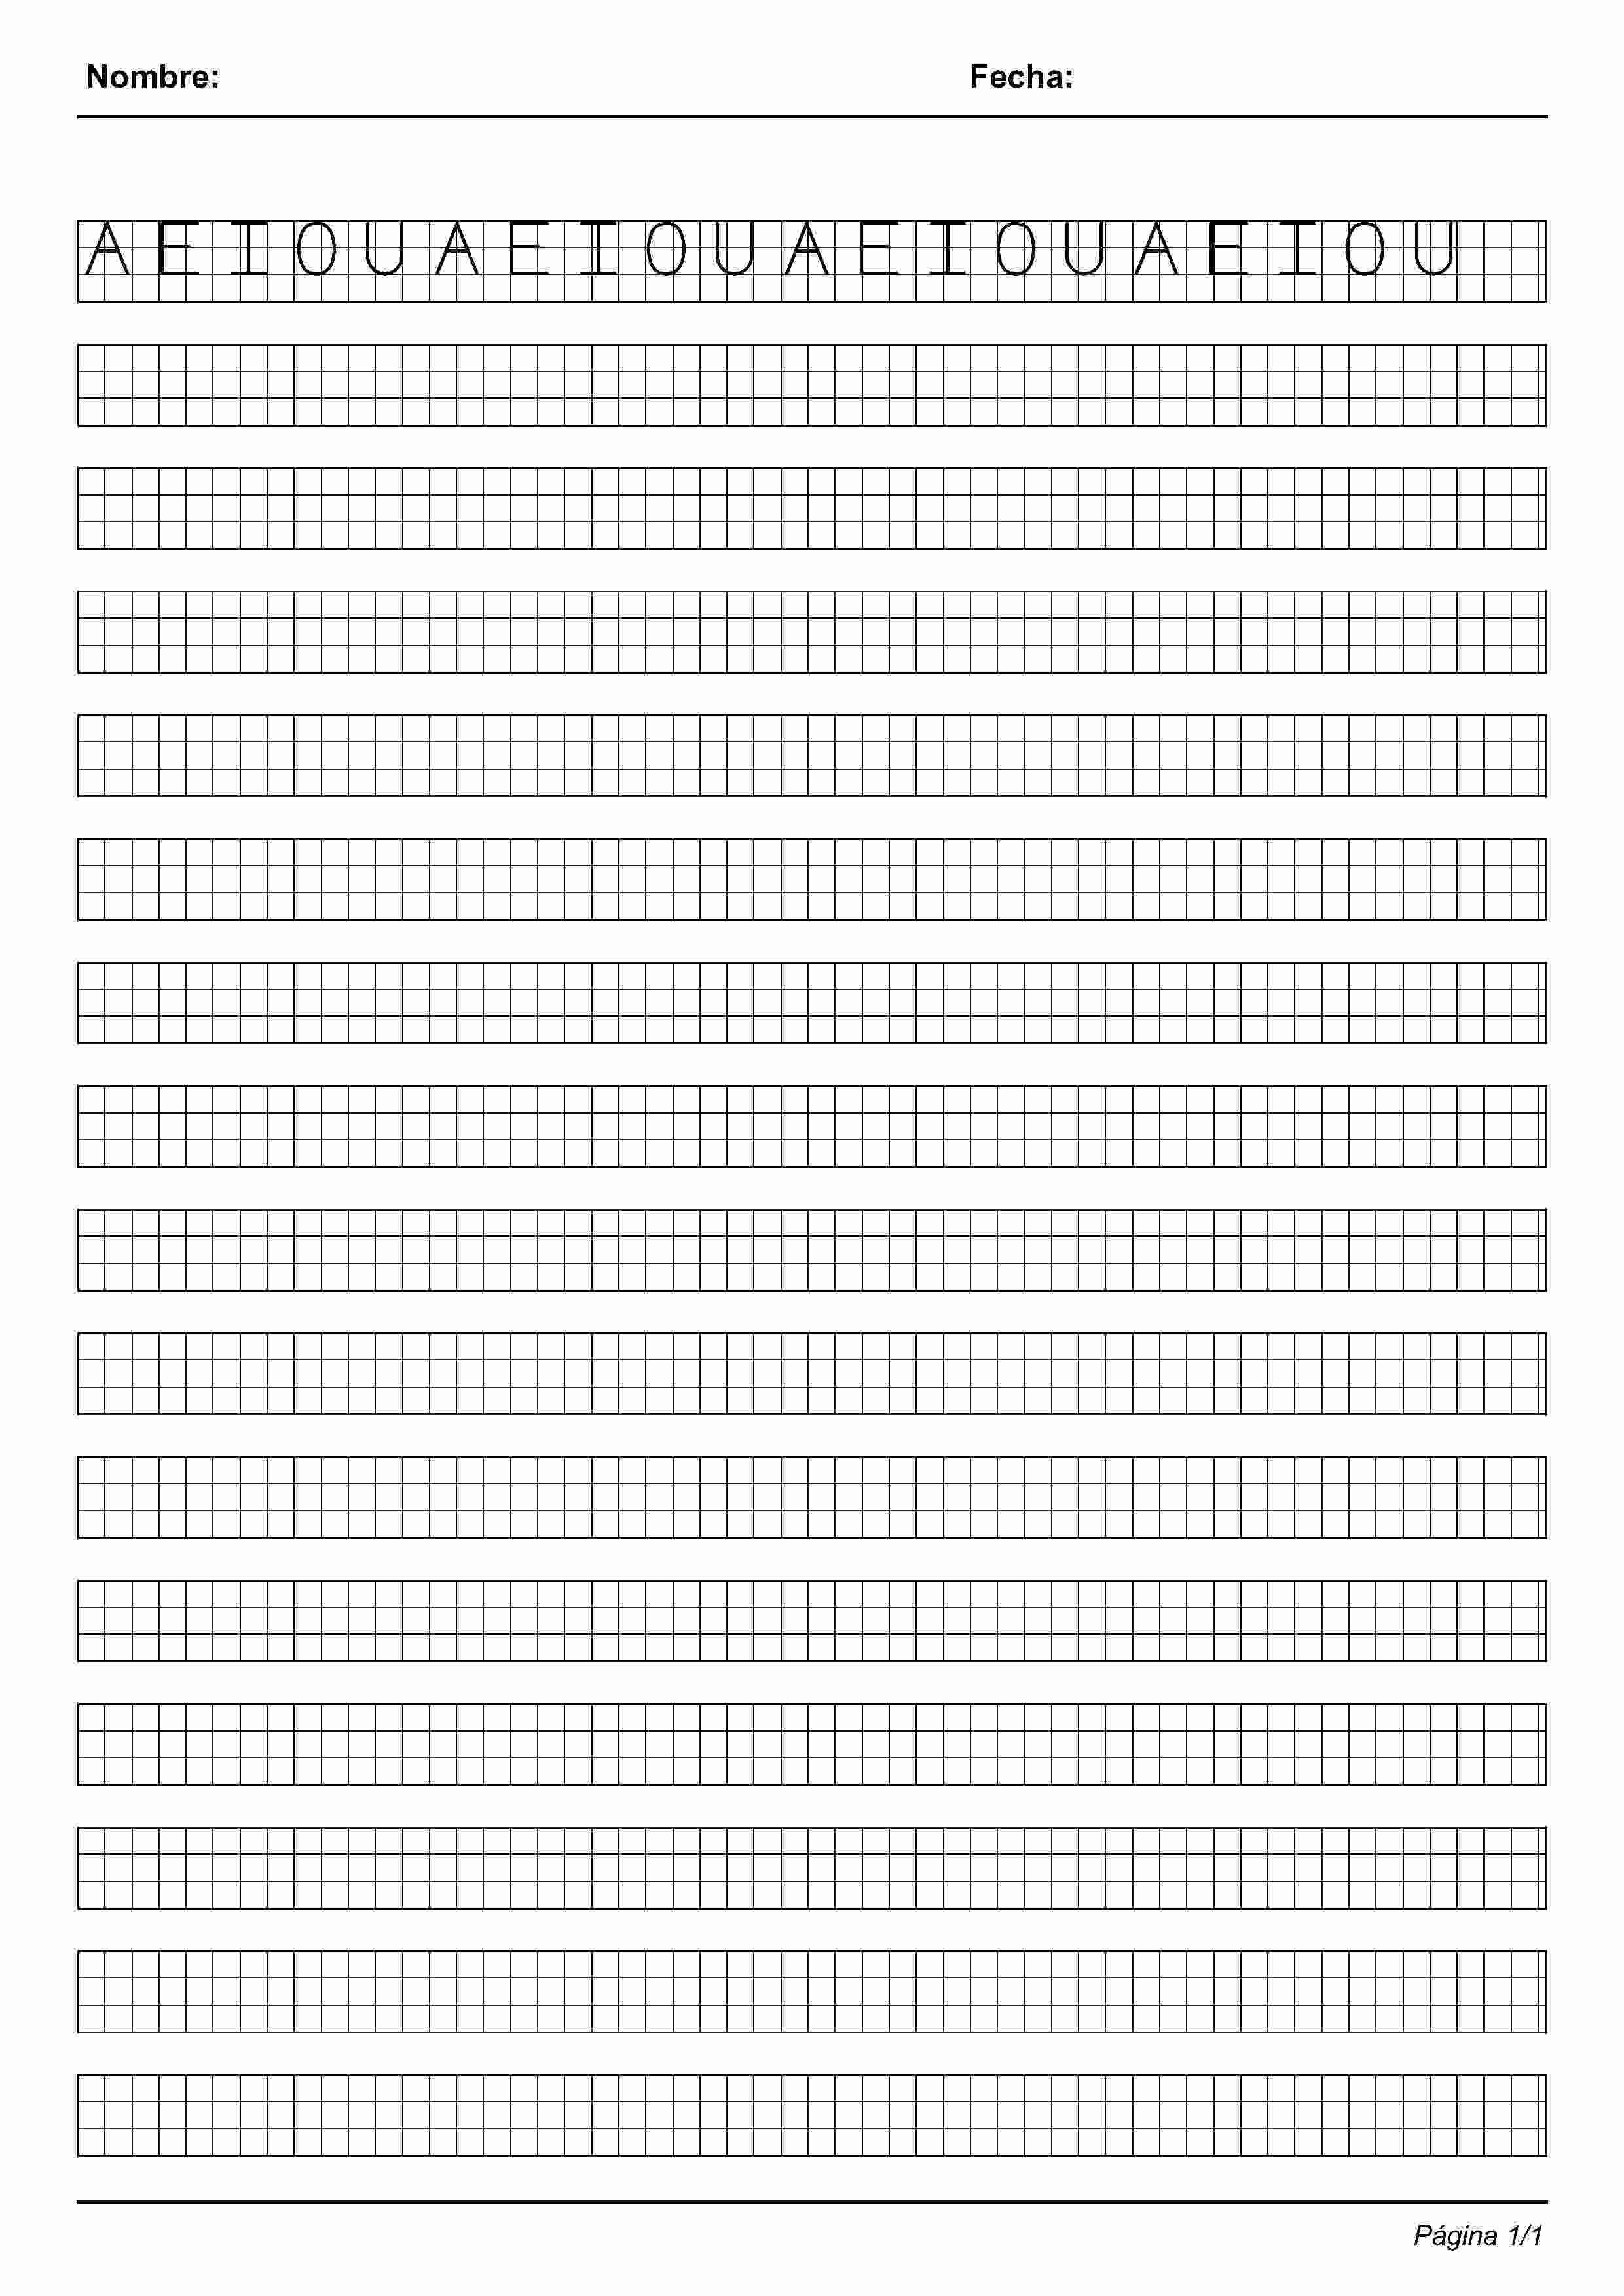 Actividades para ni±os preescolar primaria e inicial Imprimir fichas de caligrafia en cuadricula para ni±os de preescolar y primaria